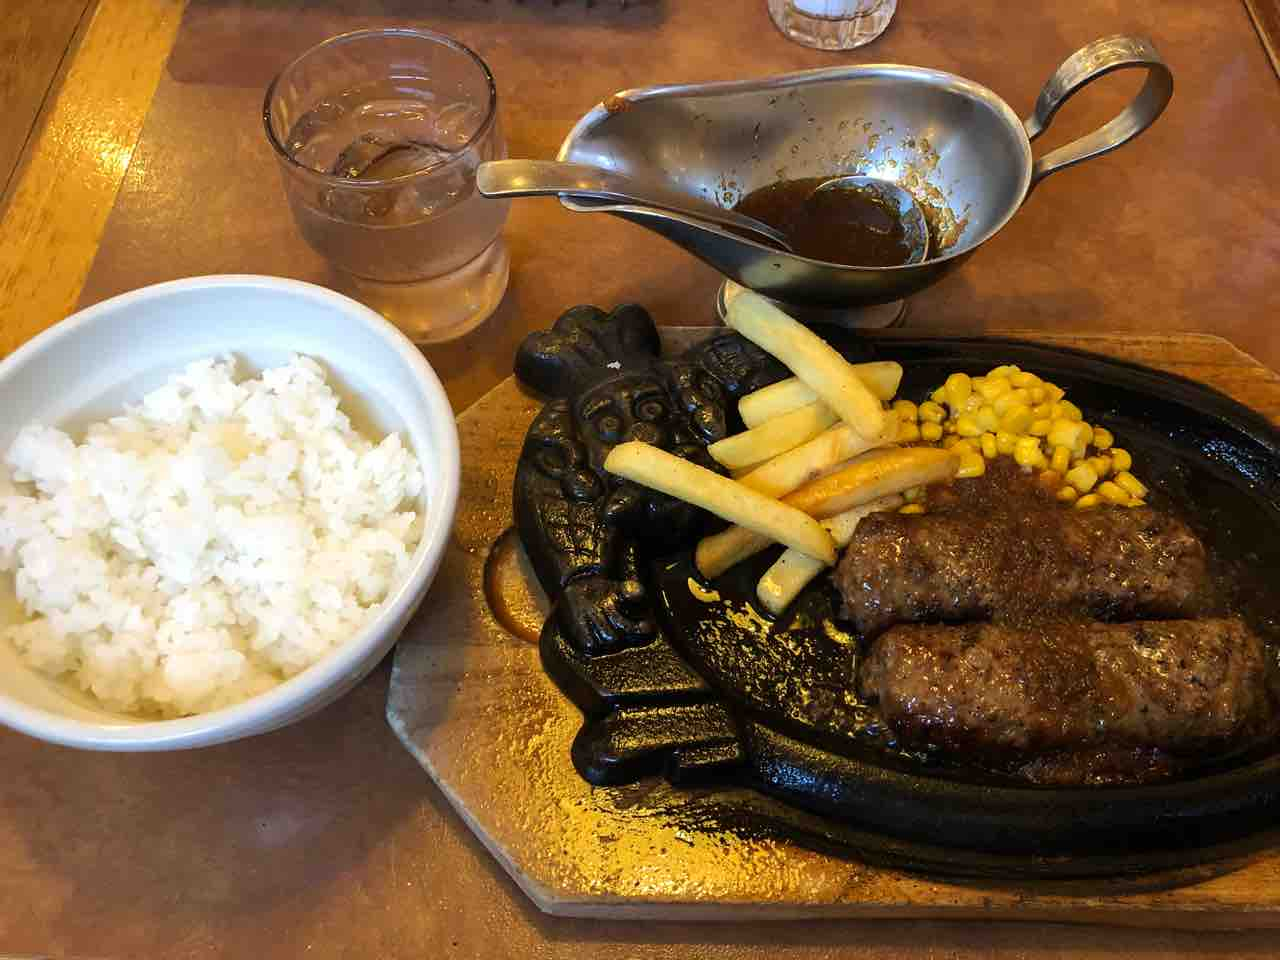 『ステーキ・ハンバーグのブロンコビリー江南扶桑店』190gのブロンコハンバーグと ごはん